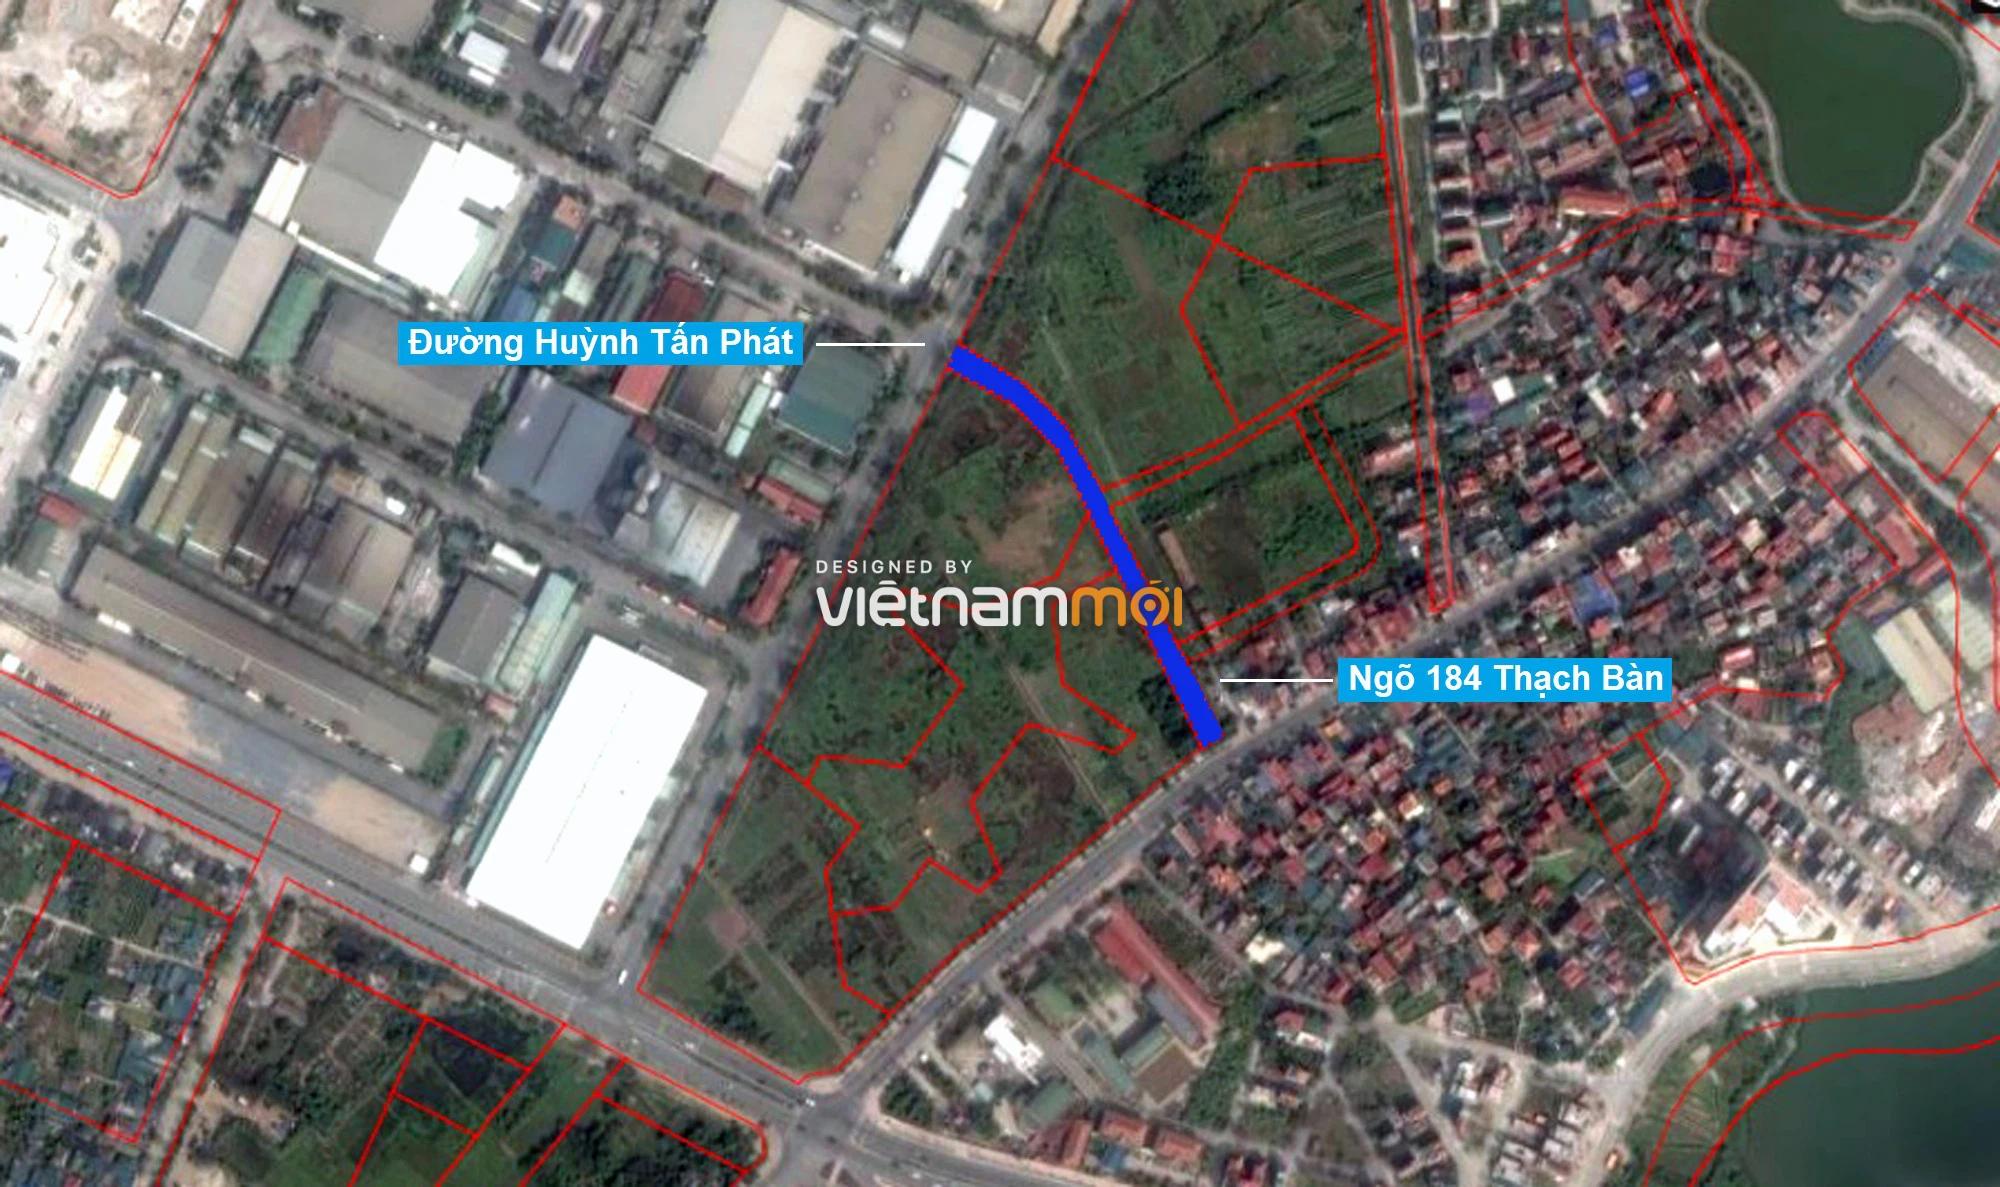 Những khu đất sắp thu hồi để mở đường ở phường Thạch Bàn, Long Biên, Hà Nội (phần 1) - Ảnh 2.